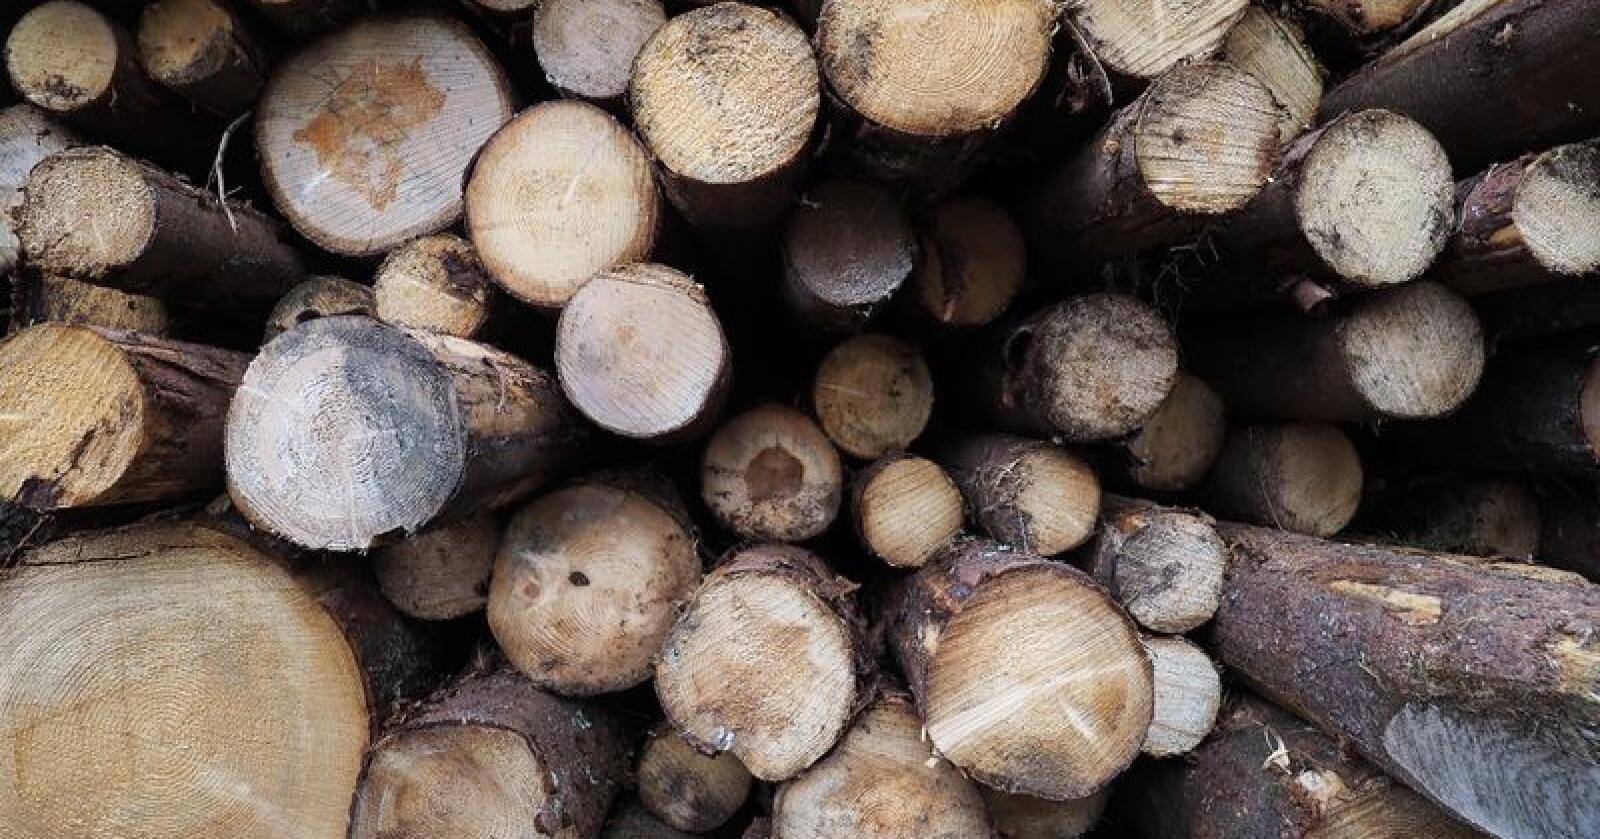 Statens vegvesen førebur ei prøveordning for tømmervogntog med opptil 74 tonn i totalvekt. Foto: Siri Juell Rasmussen